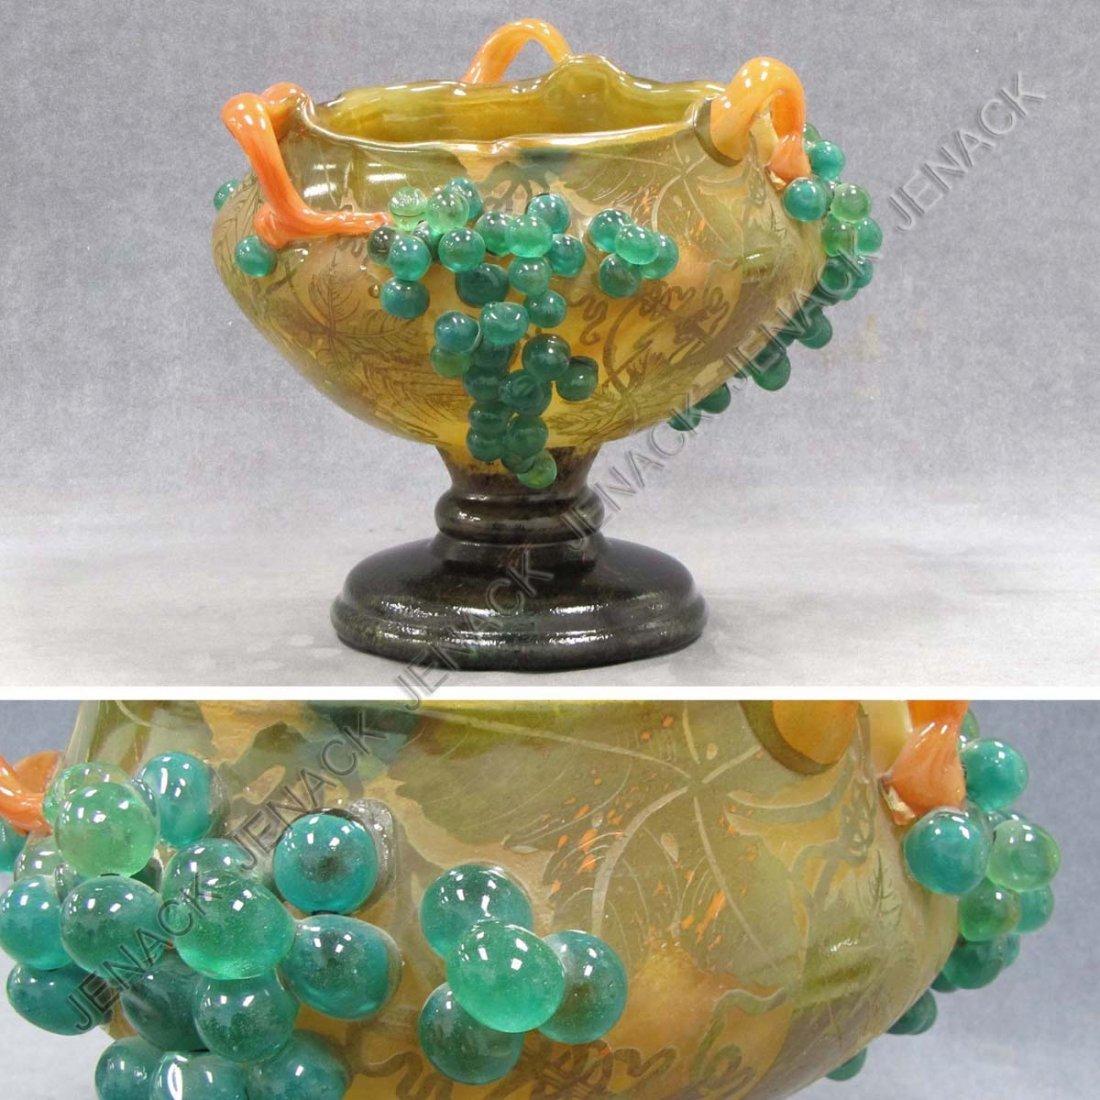 296: DAUM NANCY CAMEO AND APPLIED GLASS CENTER BOWL